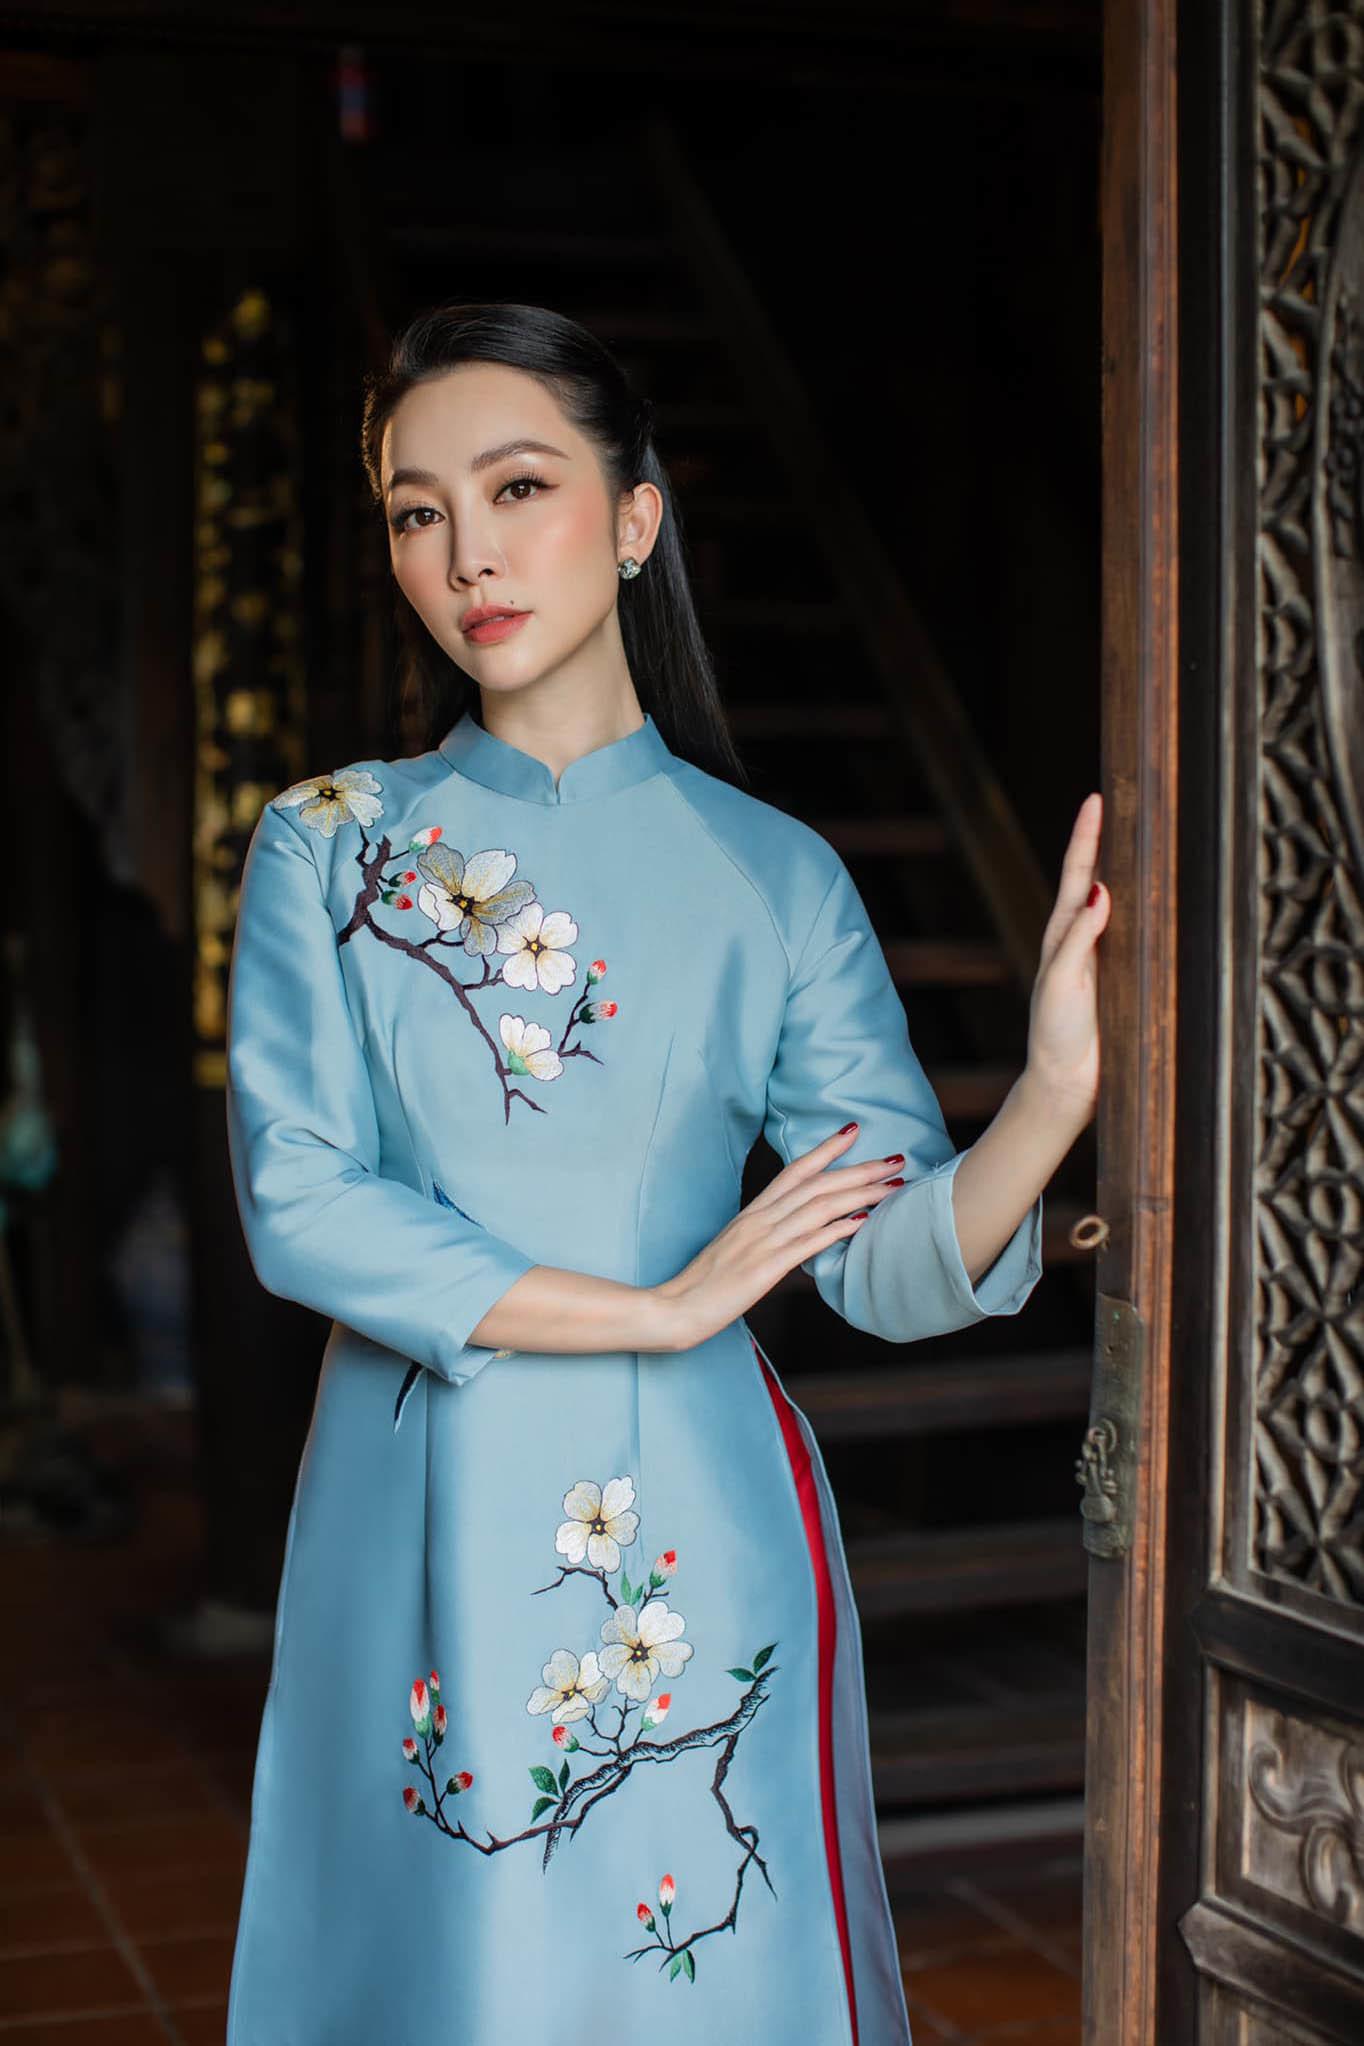 'Chim công làng múa' Linh Nga đẹp rạng rỡ, sang chảnh U40